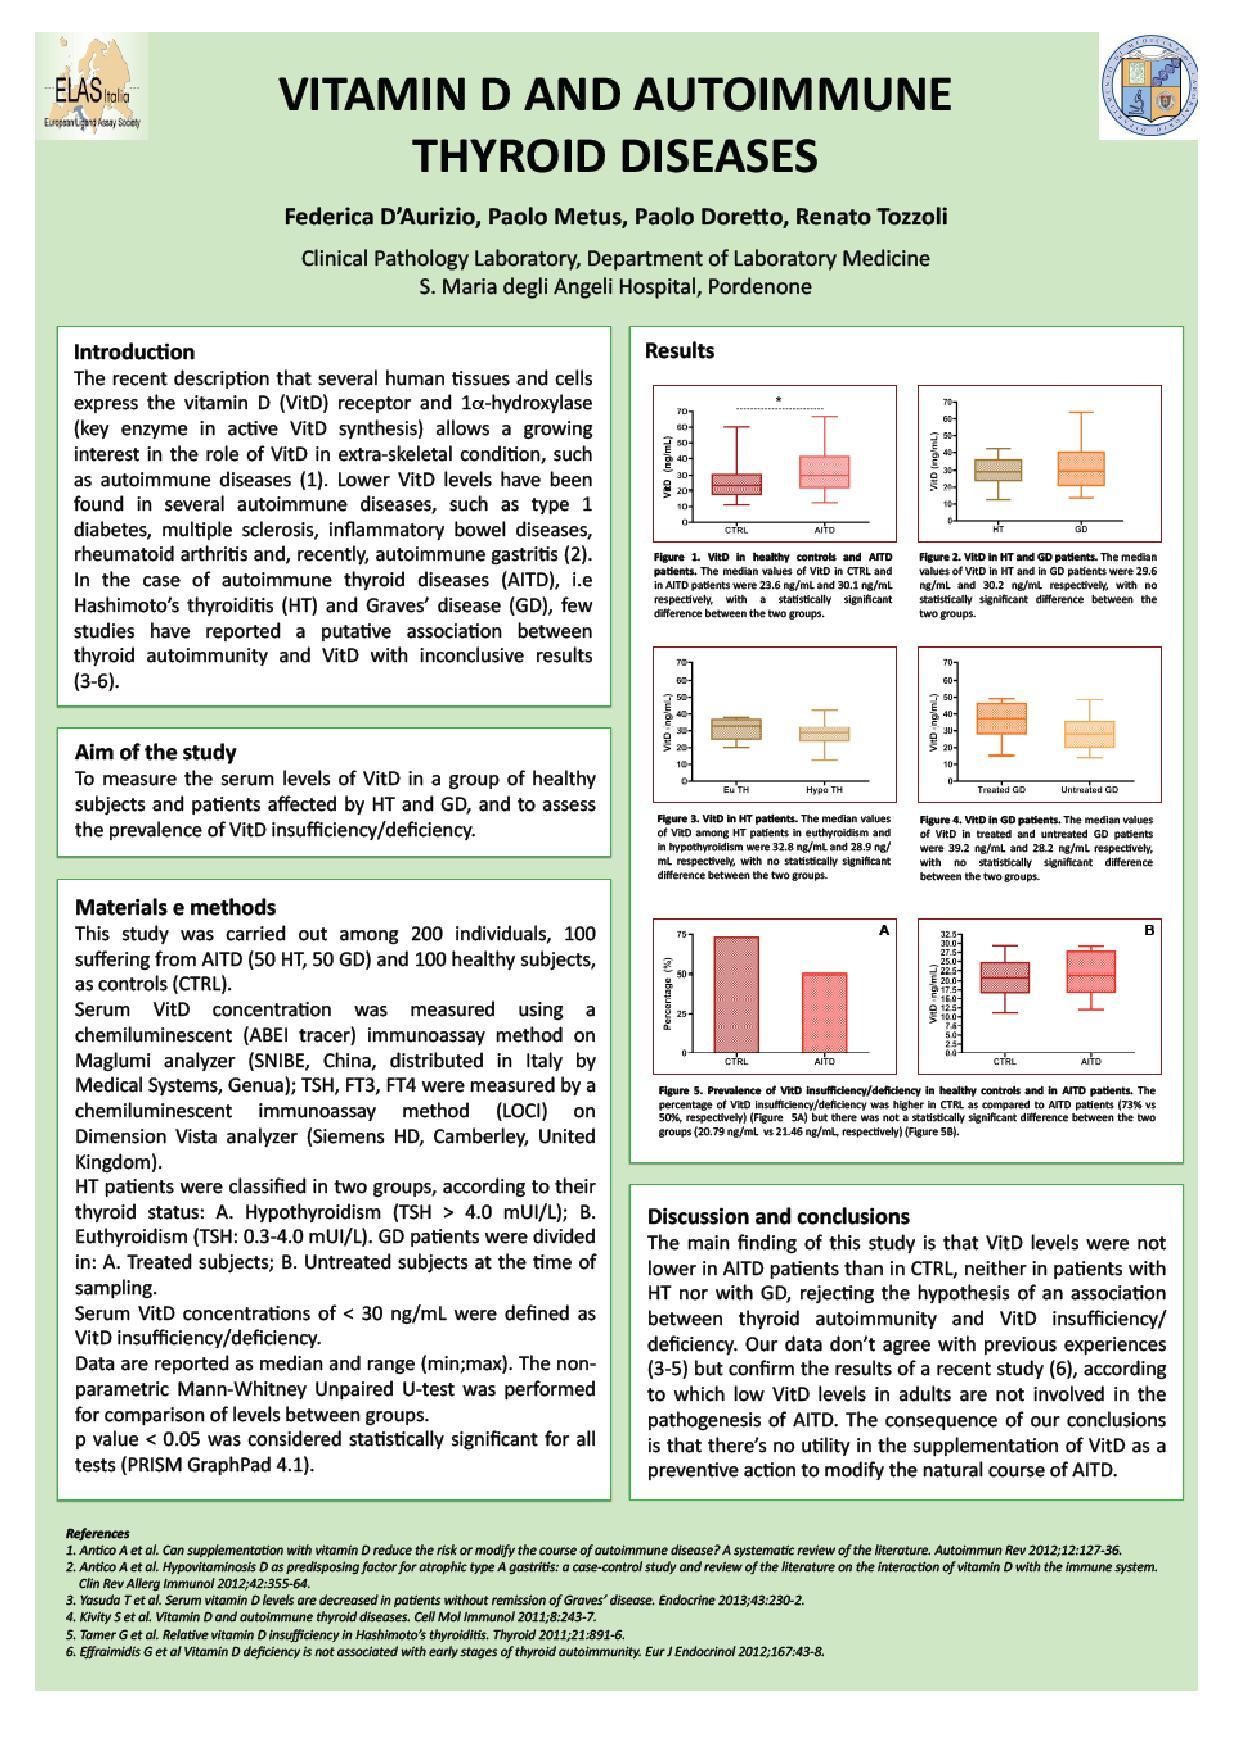 MAGLUMI VitaminaD, DAurizio et alPoster ELAS 2013-page-001